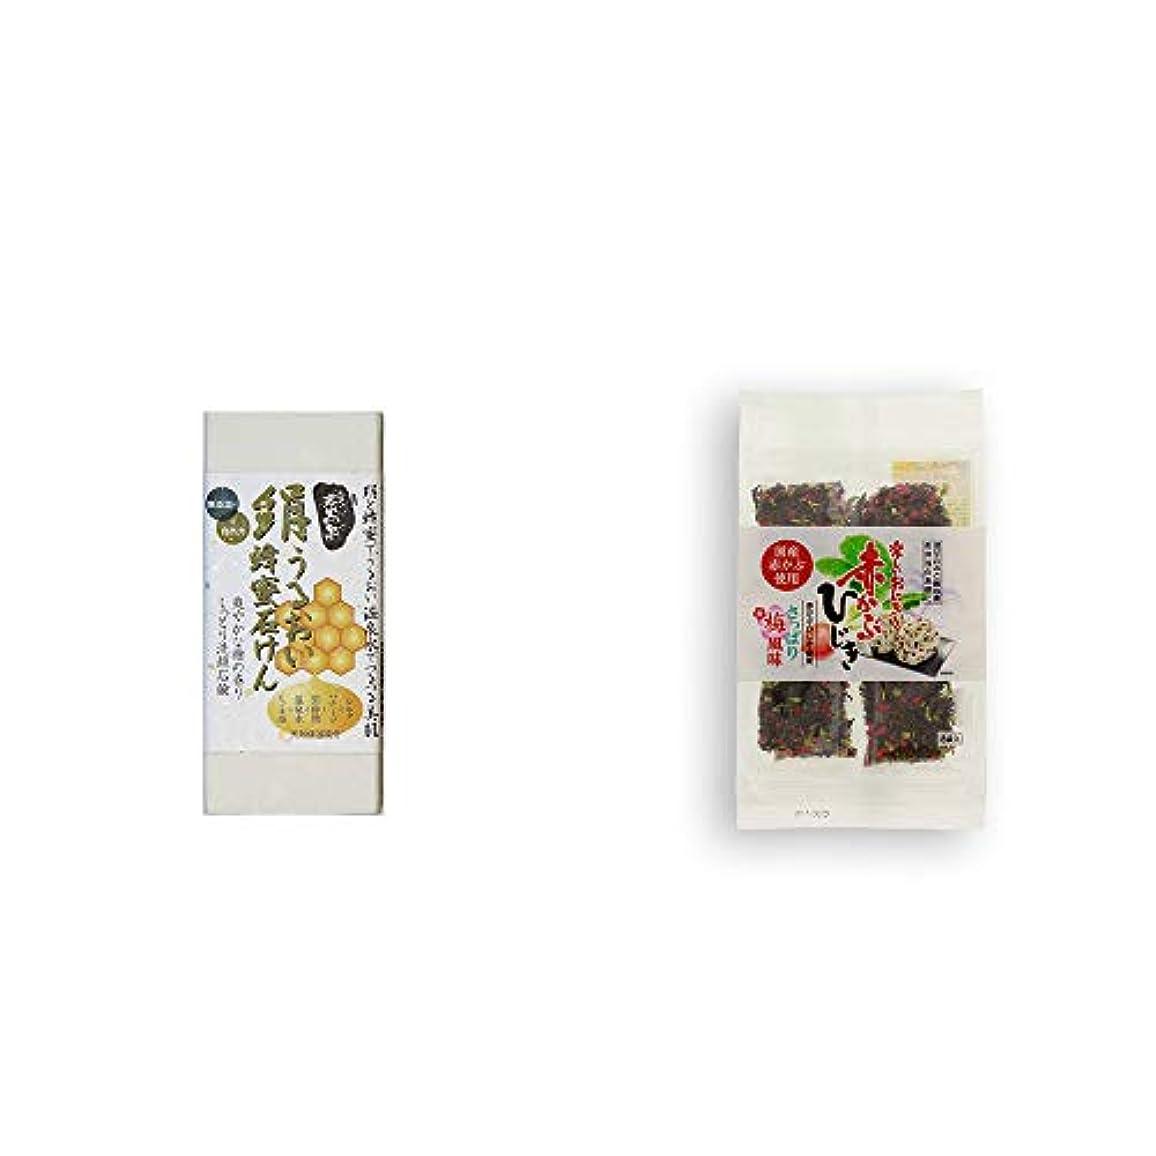 はがき性能長椅子[2点セット] ひのき炭黒泉 絹うるおい蜂蜜石けん(75g×2)?楽しいおにぎり 赤かぶひじき(8g×8袋)